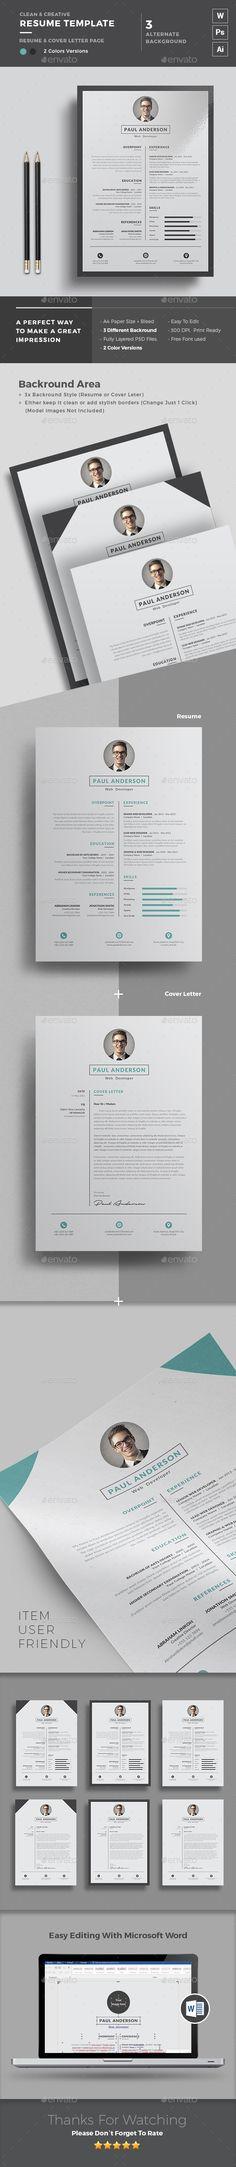 Resume Portfolio Free business cards, Resume cv and Cv design - microsoft resume and cv templates